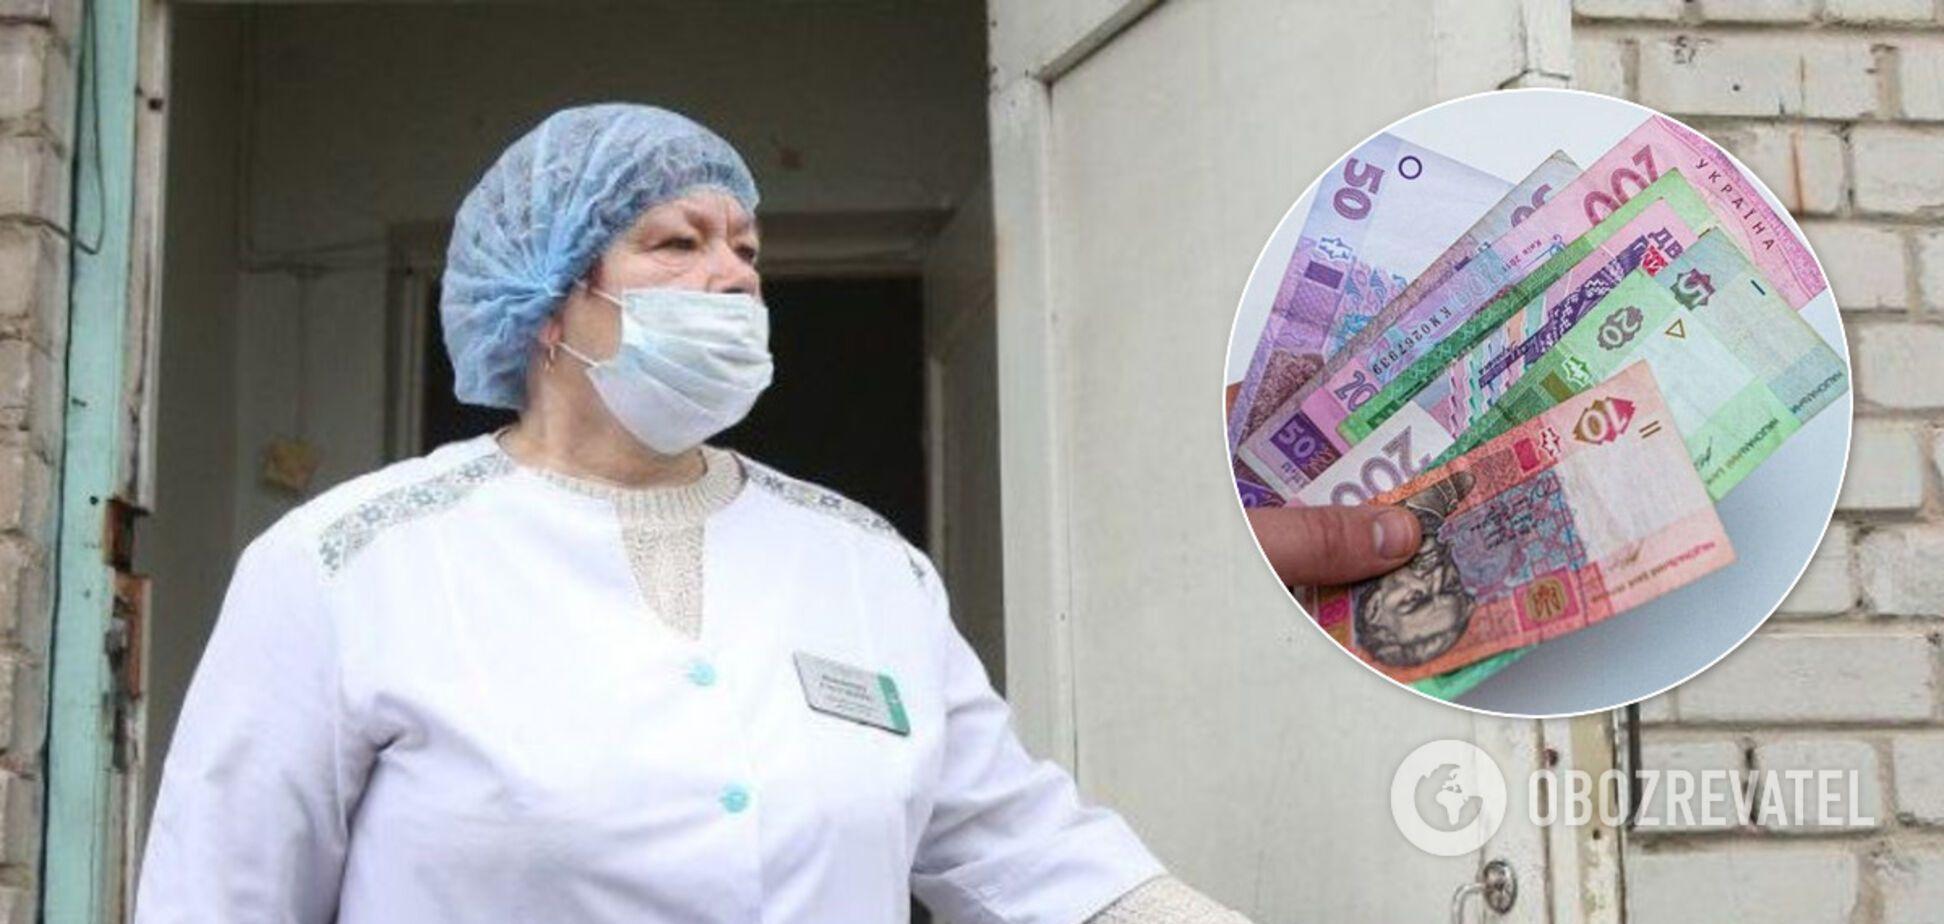 На Вінниччині назрів скандал через мізерні виплати медикам, які працюють з COVID-позитивними